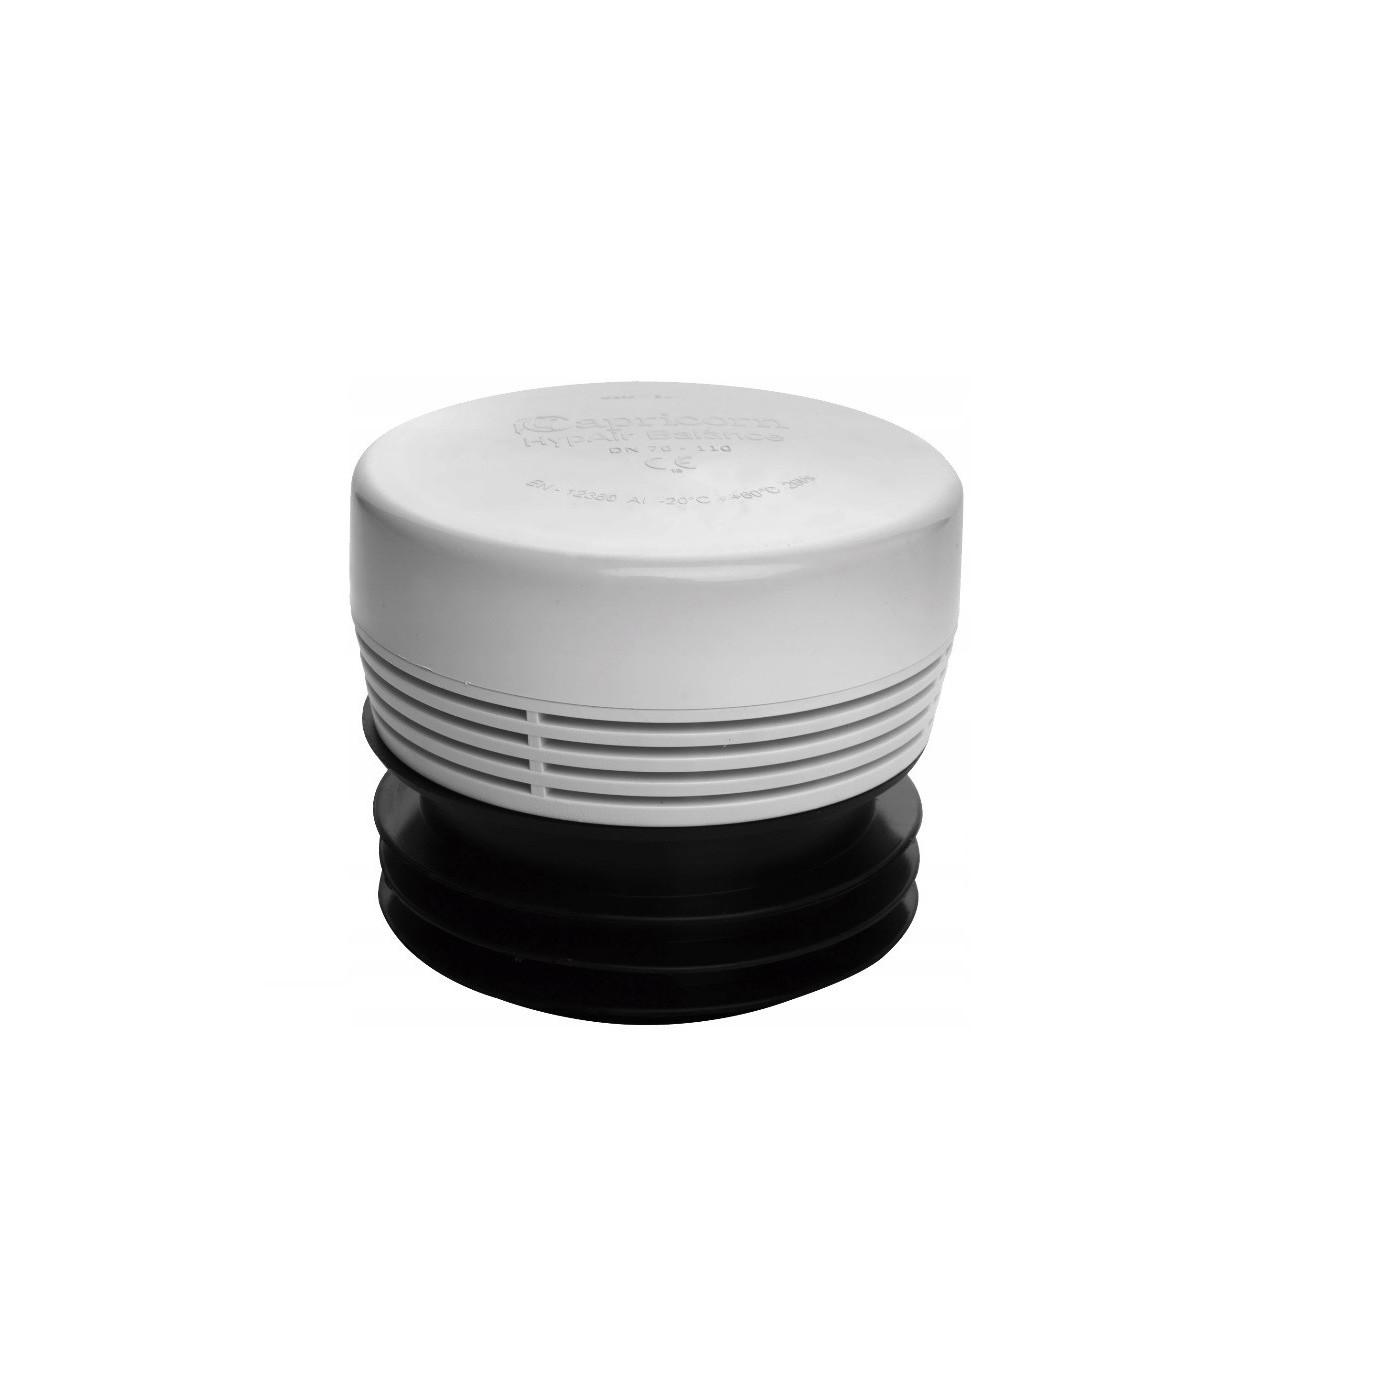 Rohrbelüfter Belüftungsventil für Sanitäranlagen DN 70 110